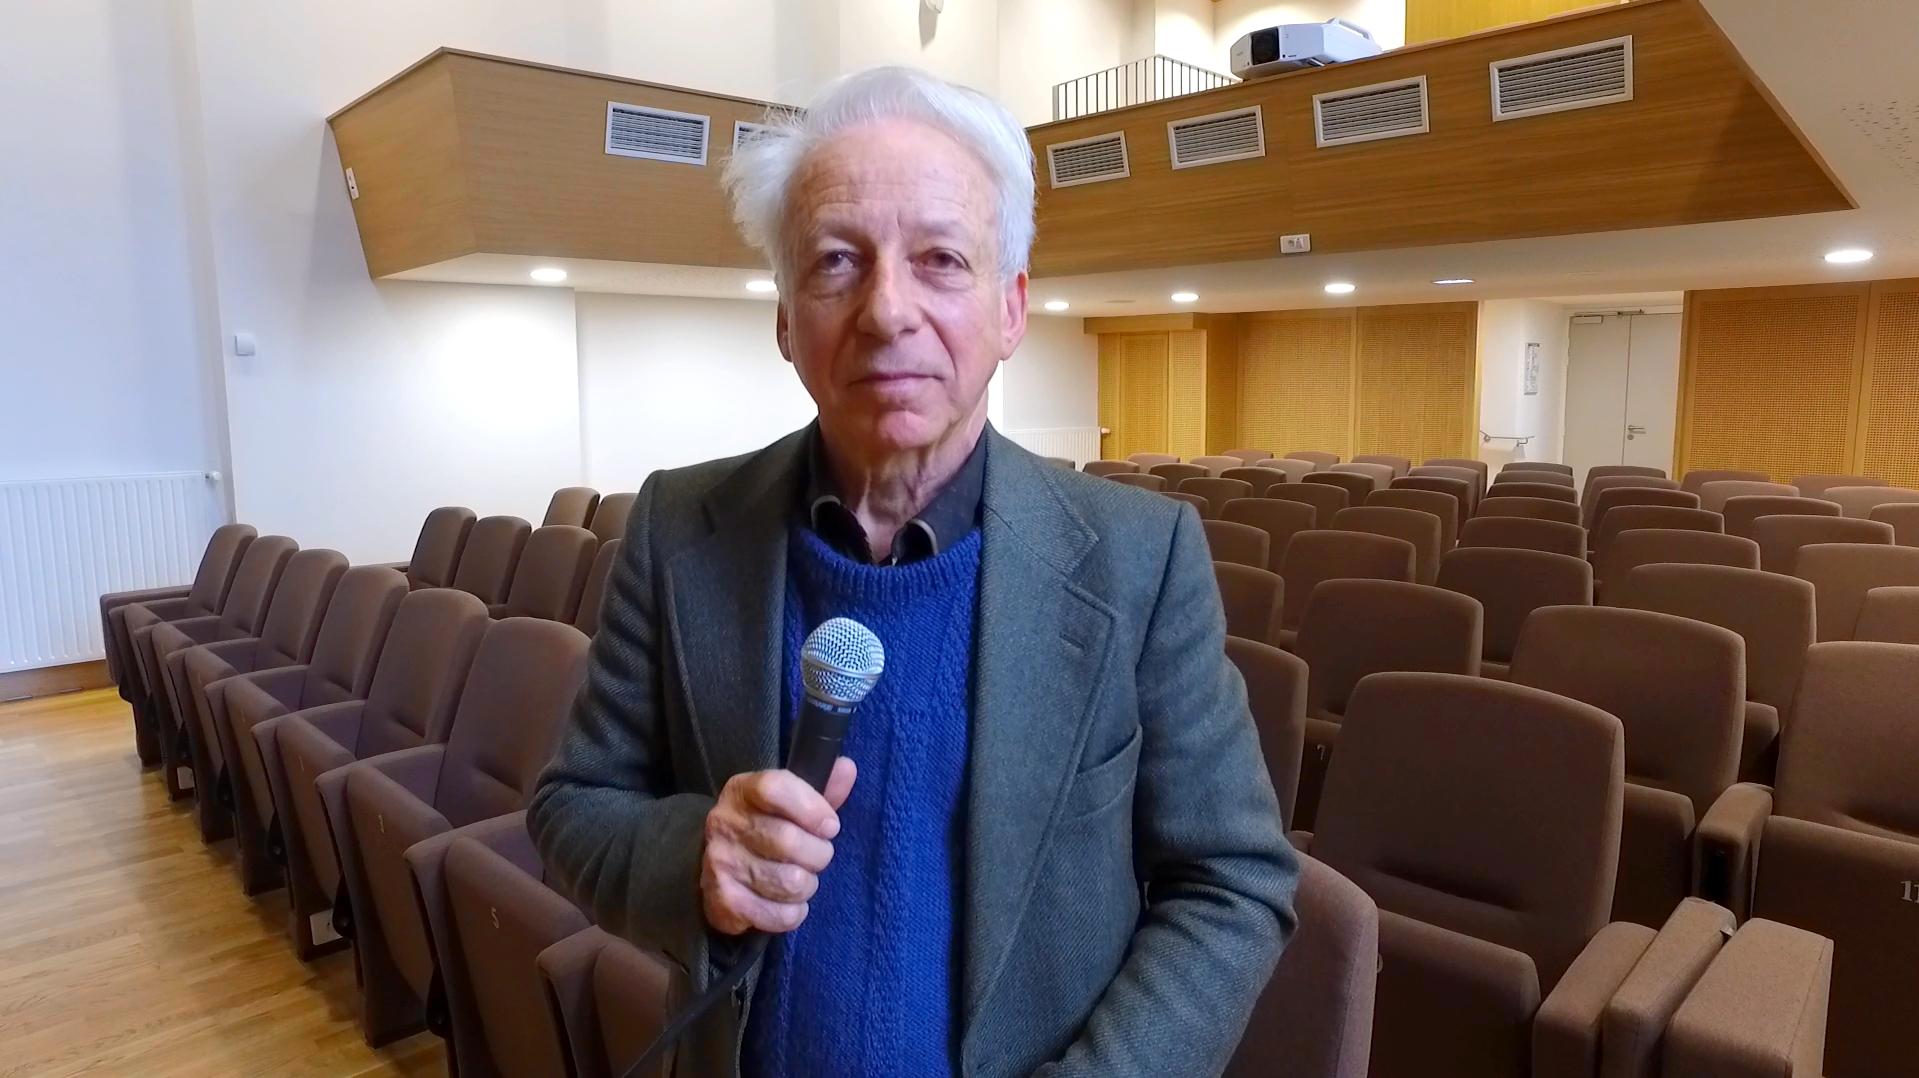 Interview de Dominique Lalanne pour l'Icann prix Nobel de la paix contre le nucléaire - La Déviation